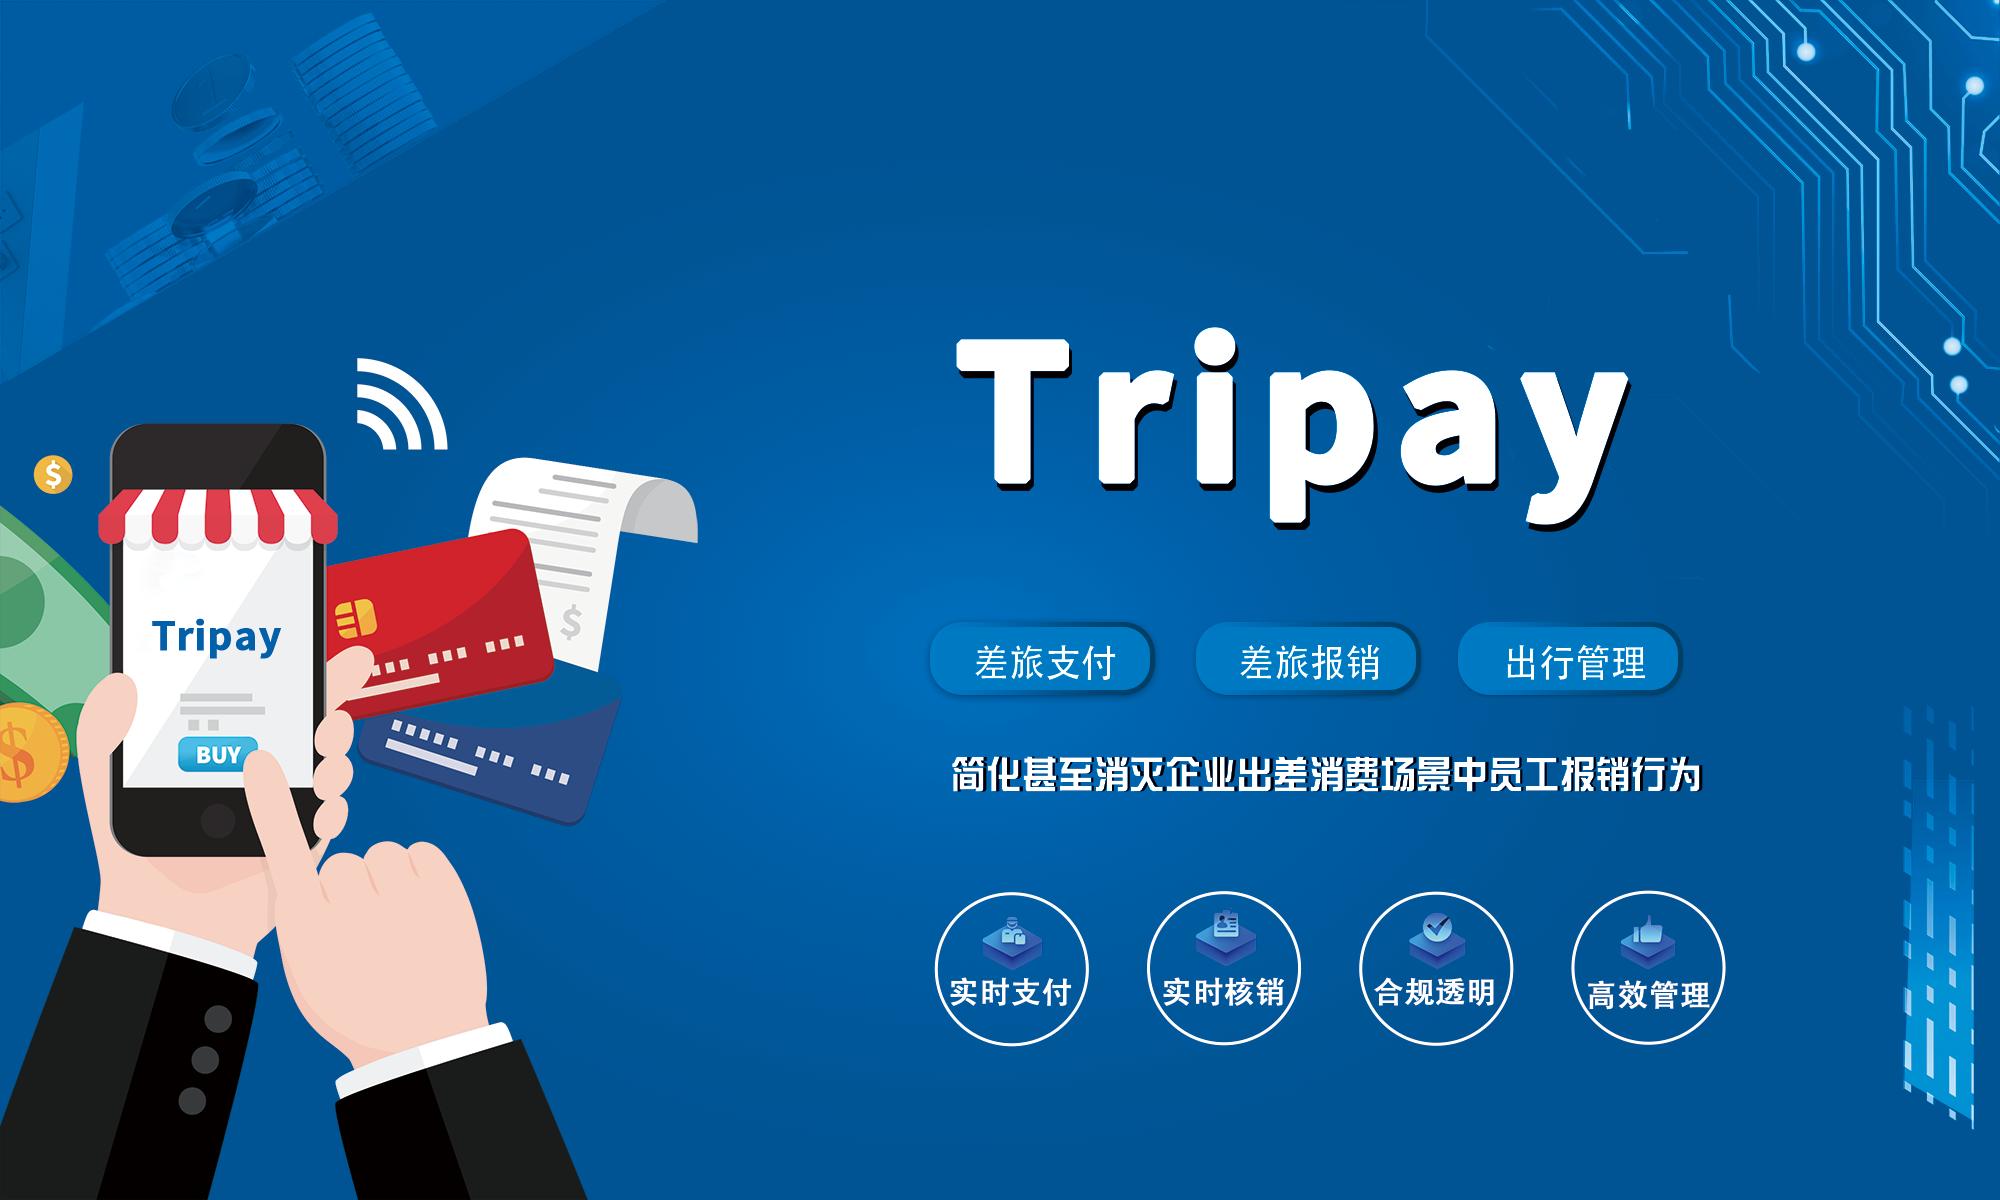 苏州思客信息技术有限公司 Tripay